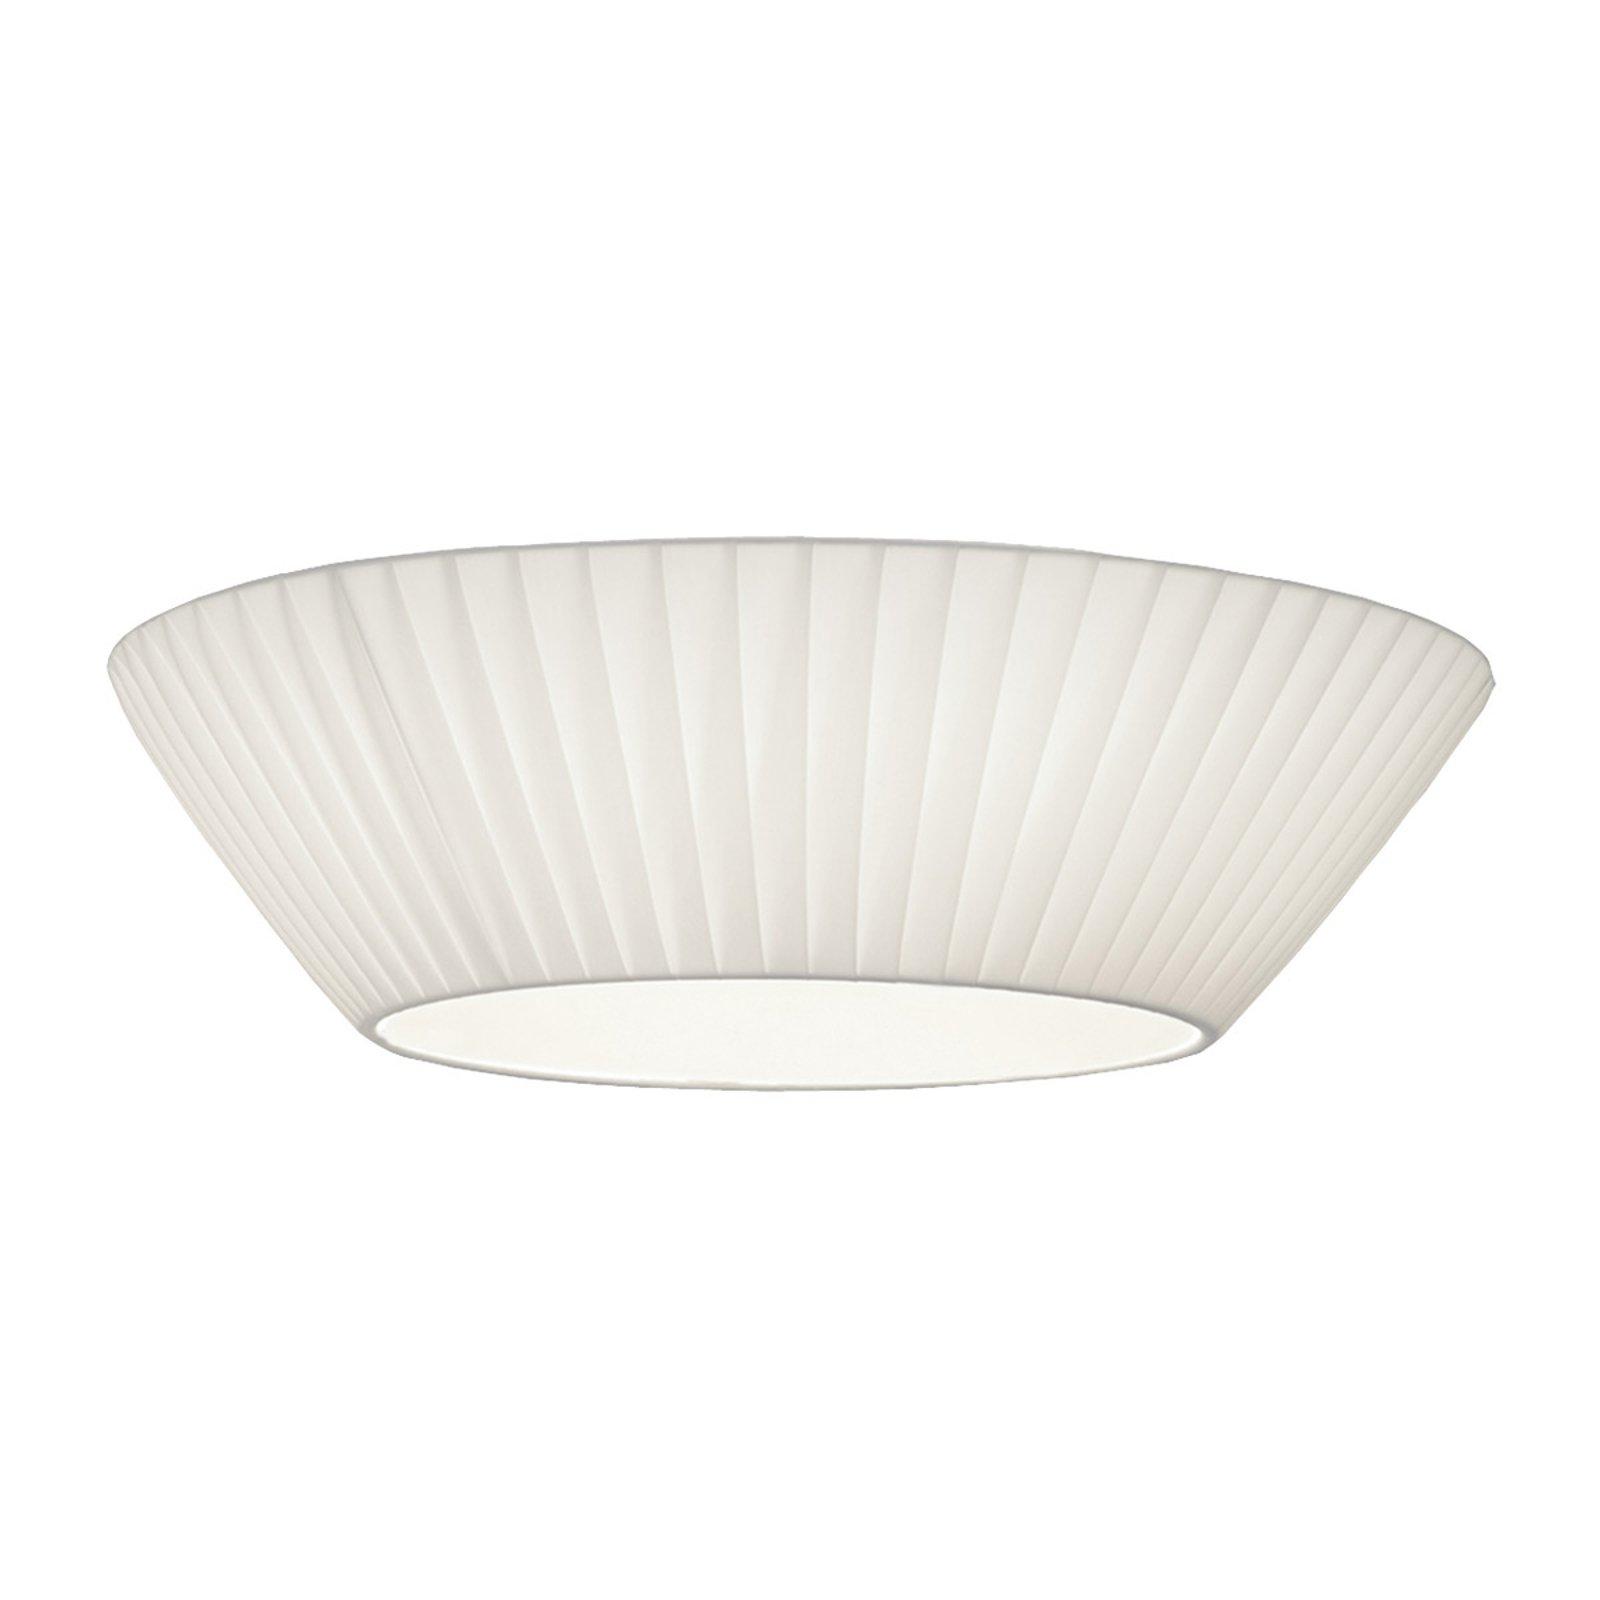 Enkel Emma taklampe i hvitt Ø 50 cm